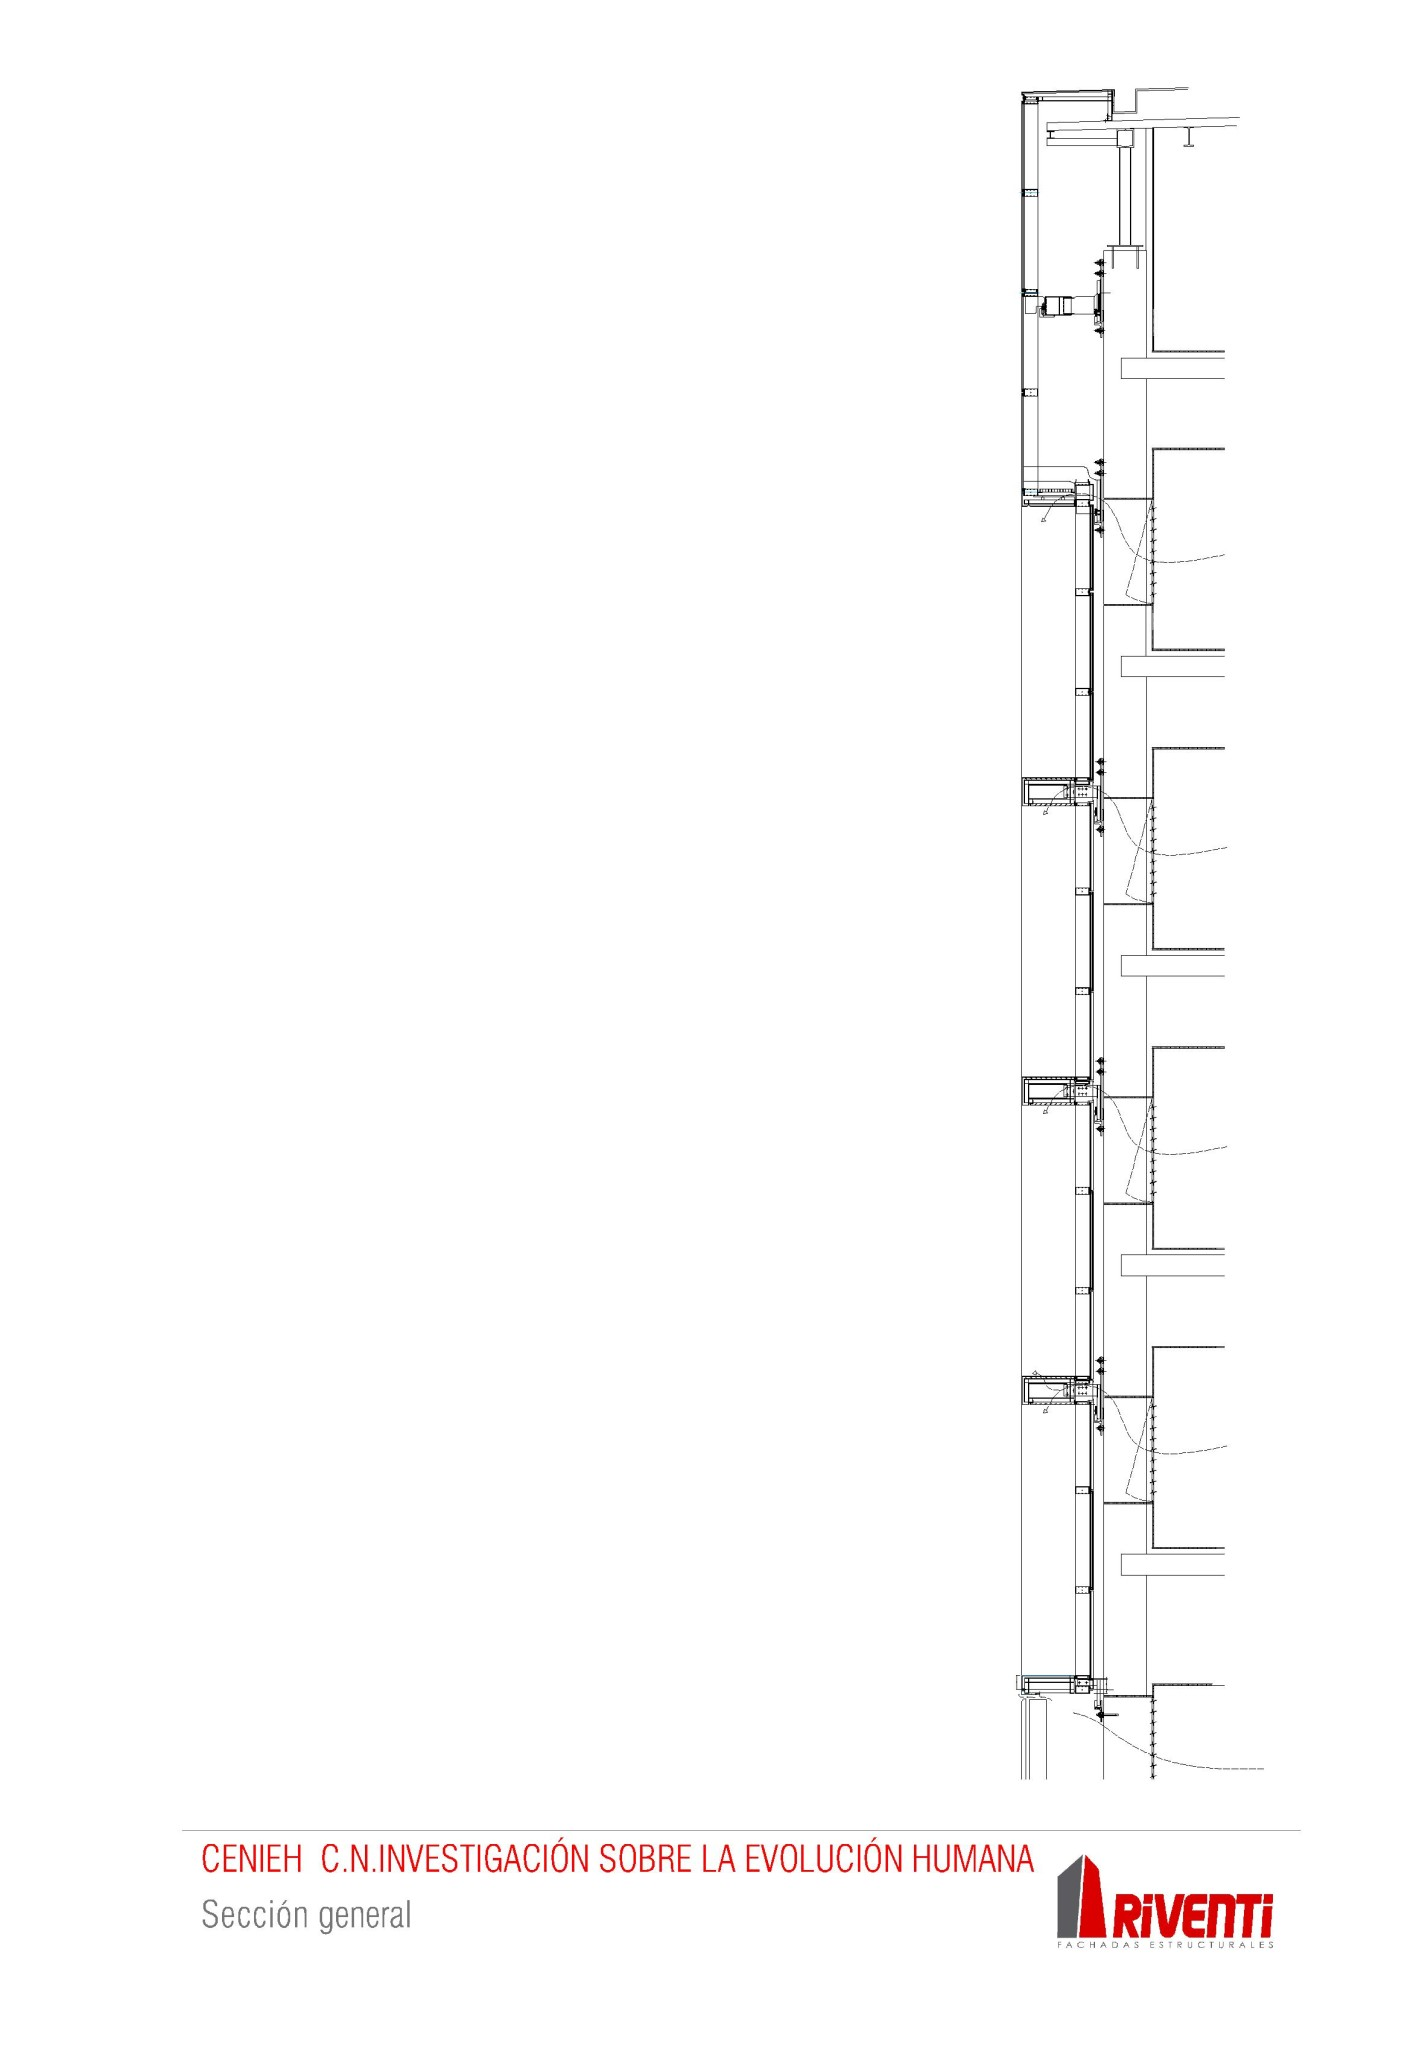 Fachada-CENIEH-sistema-modular-muro-cortina-burgos-riventi-detalles-constructivos (2)